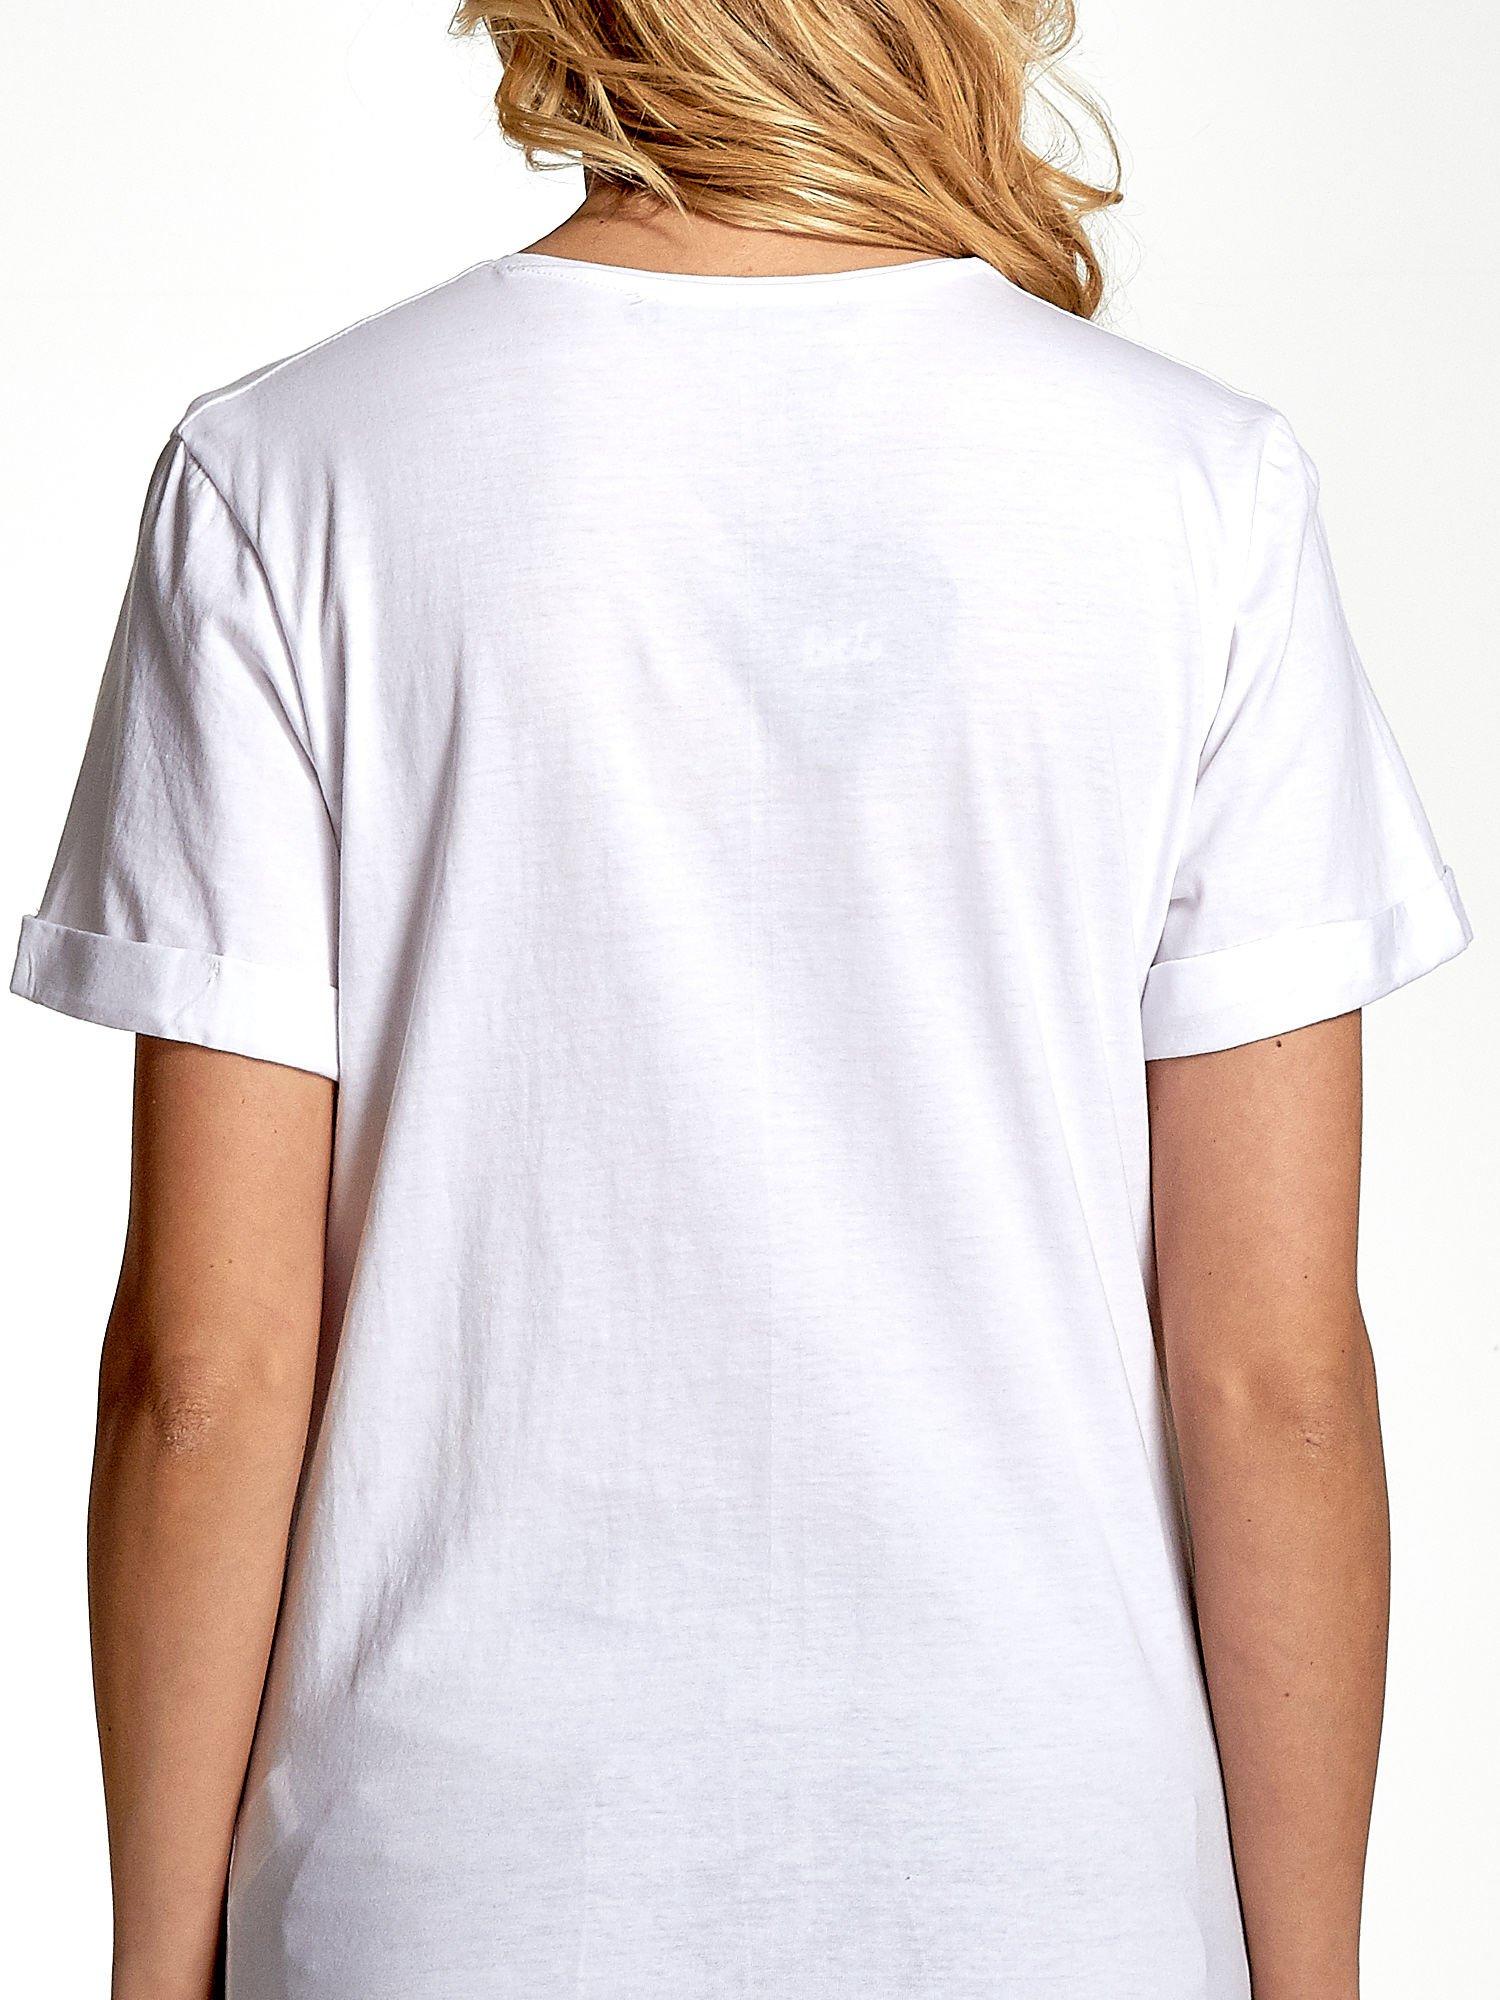 Biały t-shirt ze złotym nadrukiem orła i napisem BOY LONDON                                  zdj.                                  5